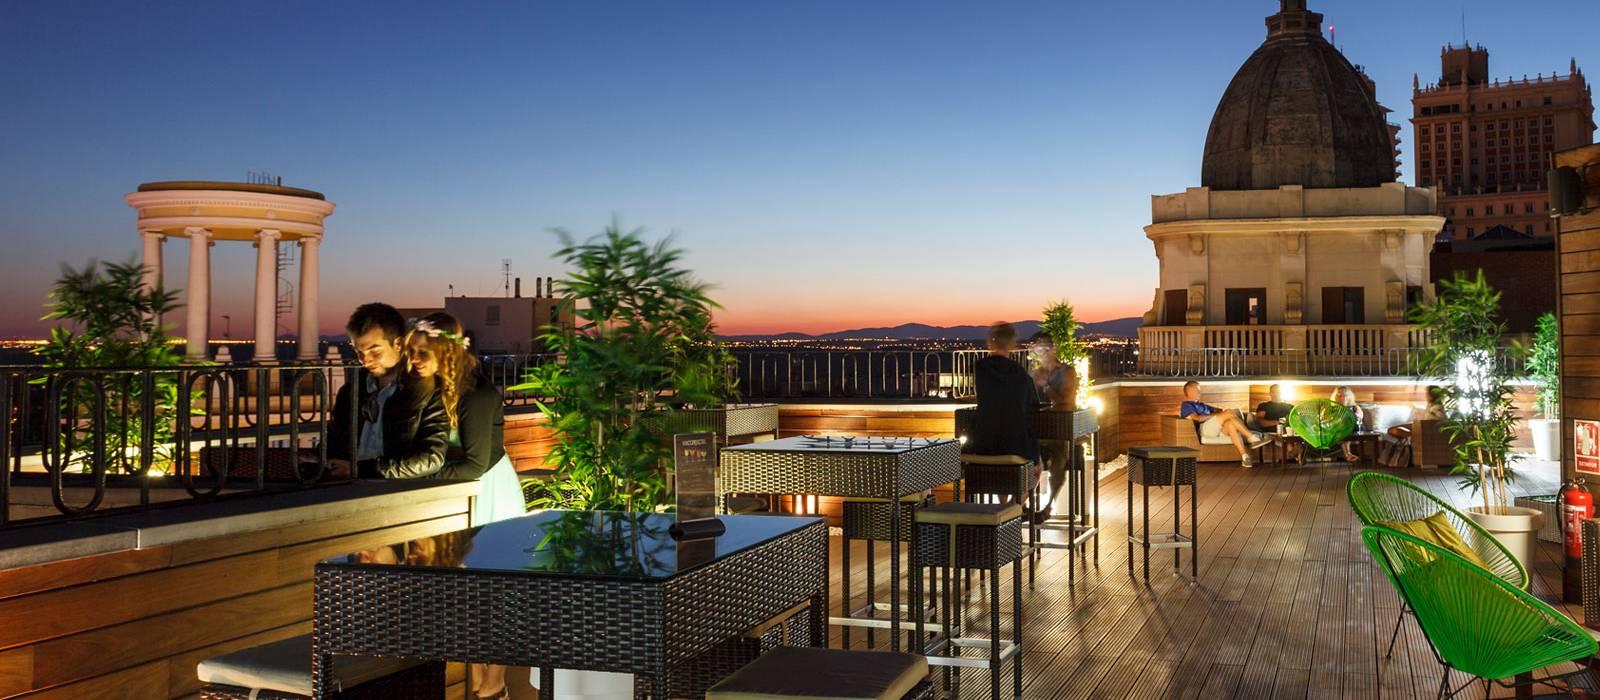 Hoteles con terraza en madrid vincci v a 66 - Terrazas romanticas madrid ...